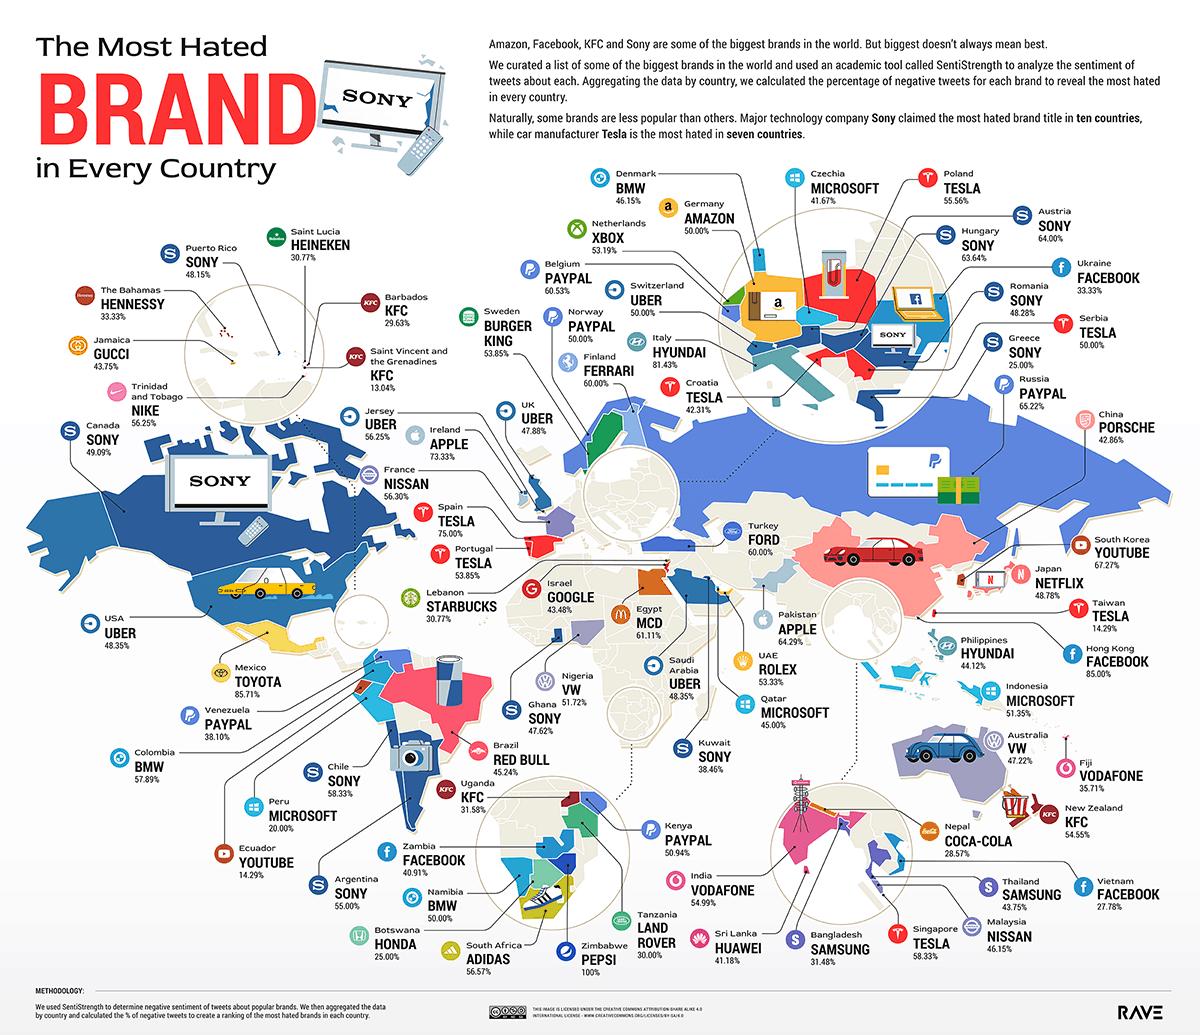 Самые ненавистные бренды в каждой стране